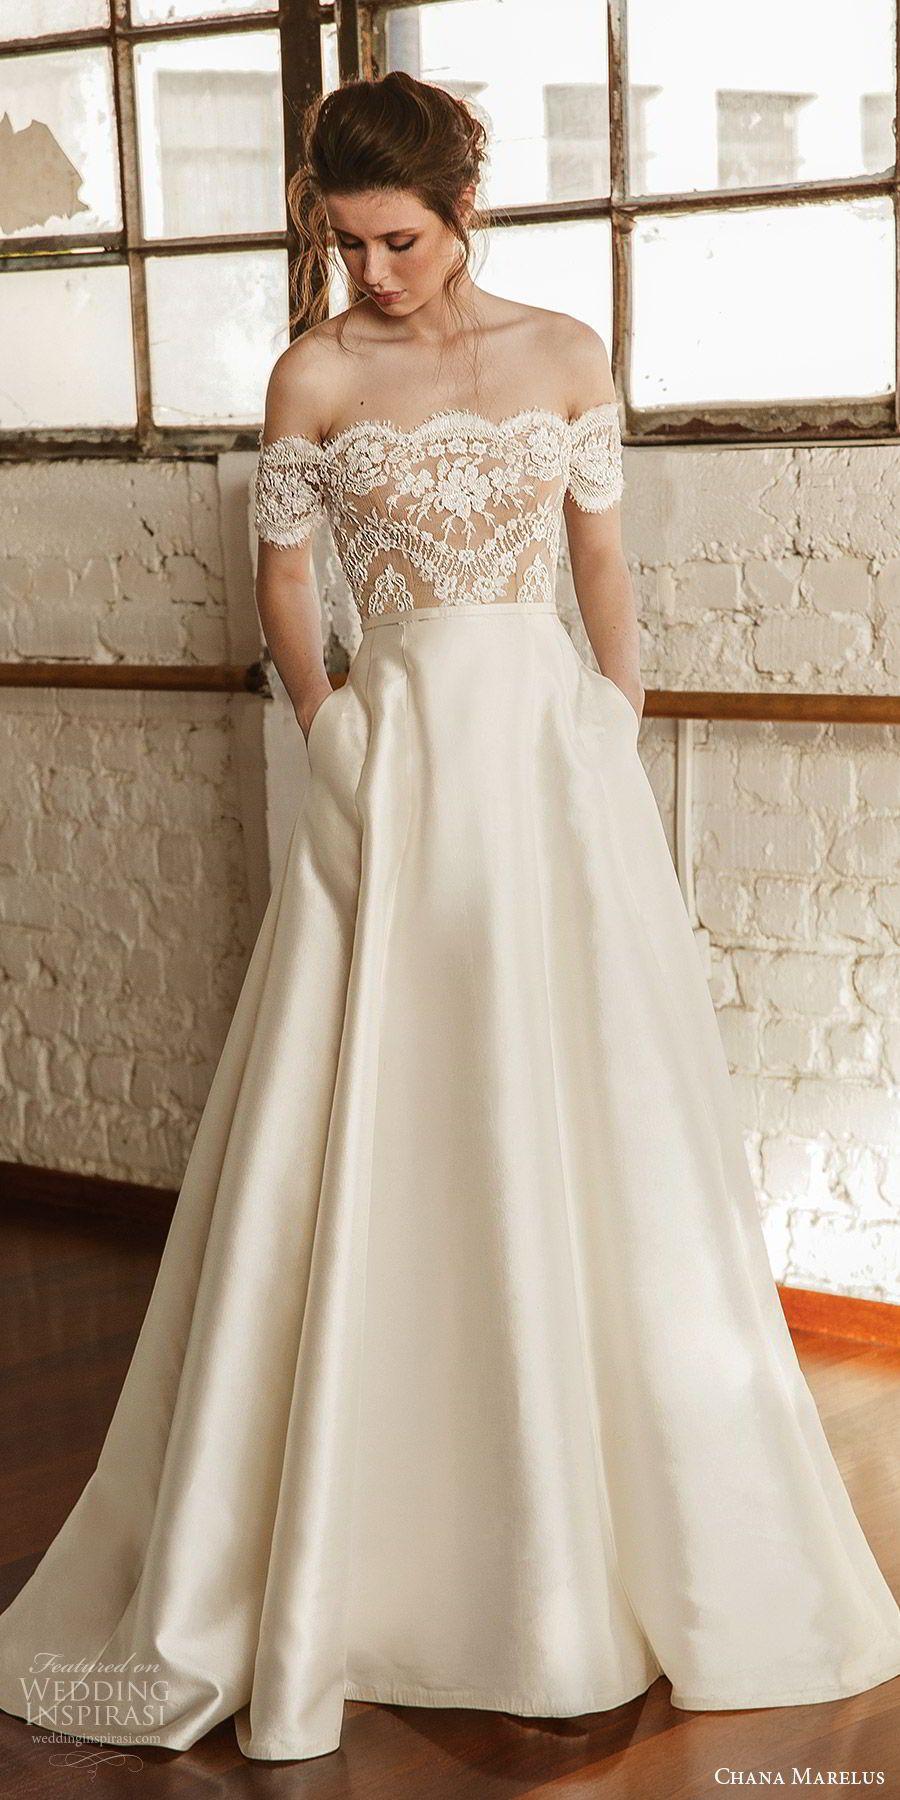 48 Elegant Long Sleeve Wedding Dresses For Winter Brides Elegant Long Sleeve Wedding Dresses Wedding Dress Long Sleeve Wedding Dress Sleeves [ 1105 x 736 Pixel ]